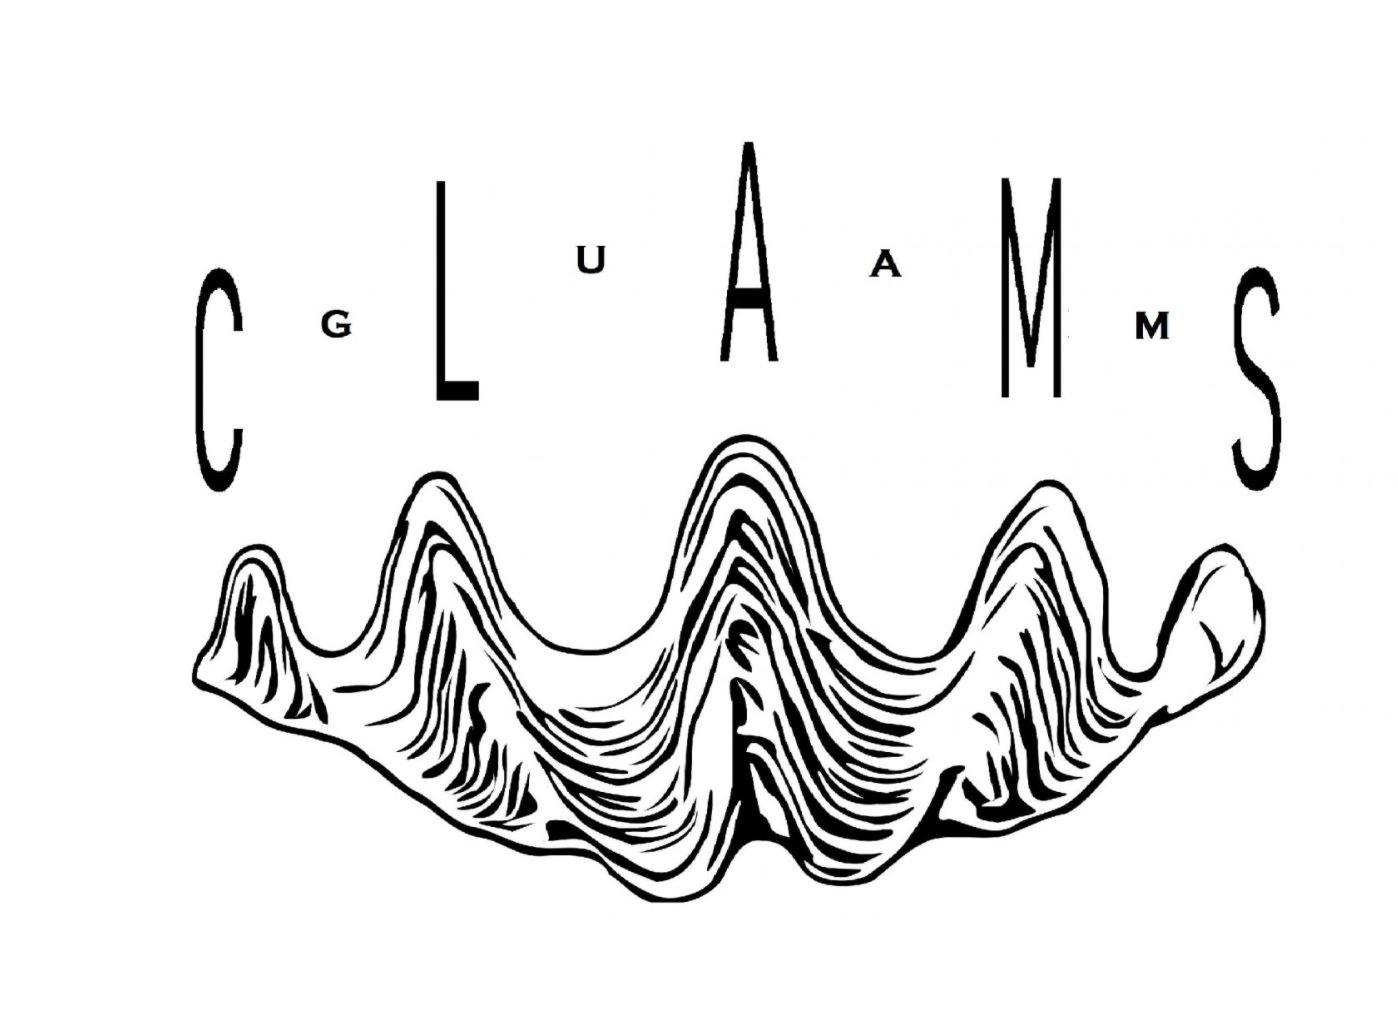 Clams Guam